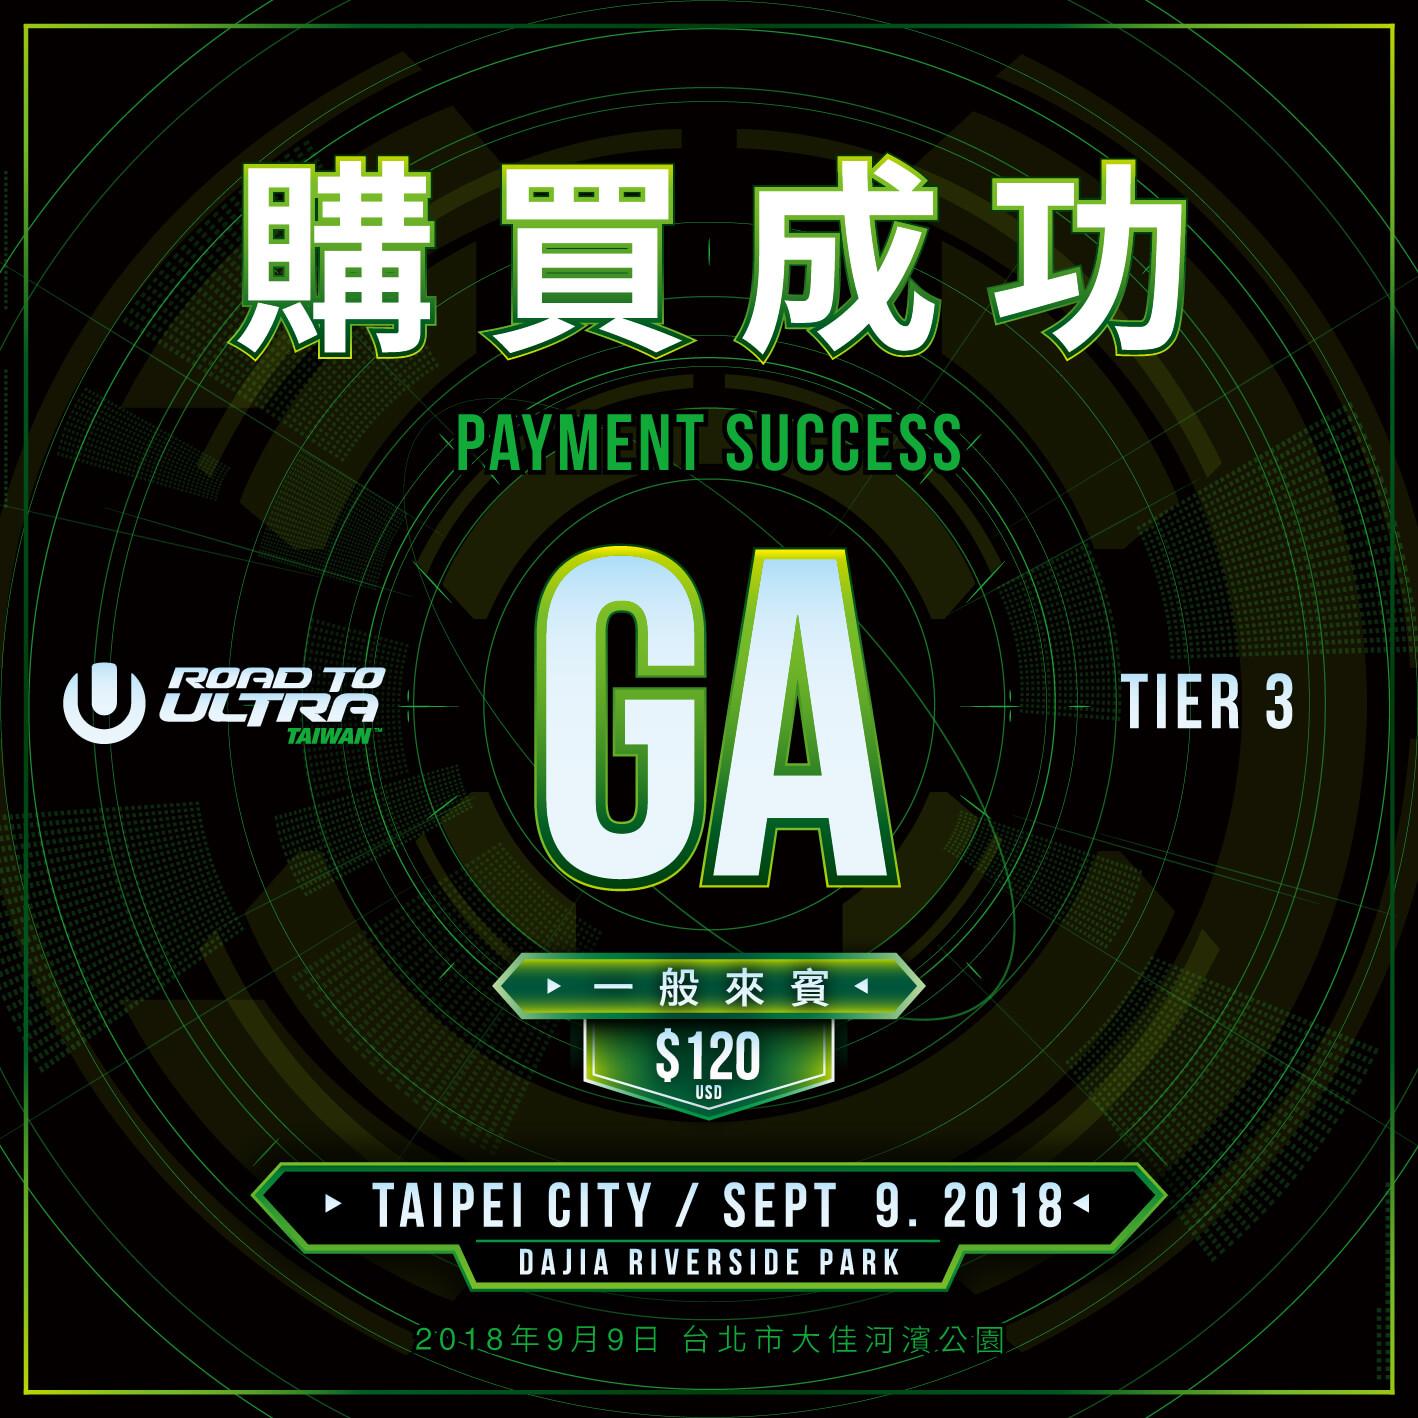 Road To Ultra Taiwan 2018 – GA 1 Day Ticket